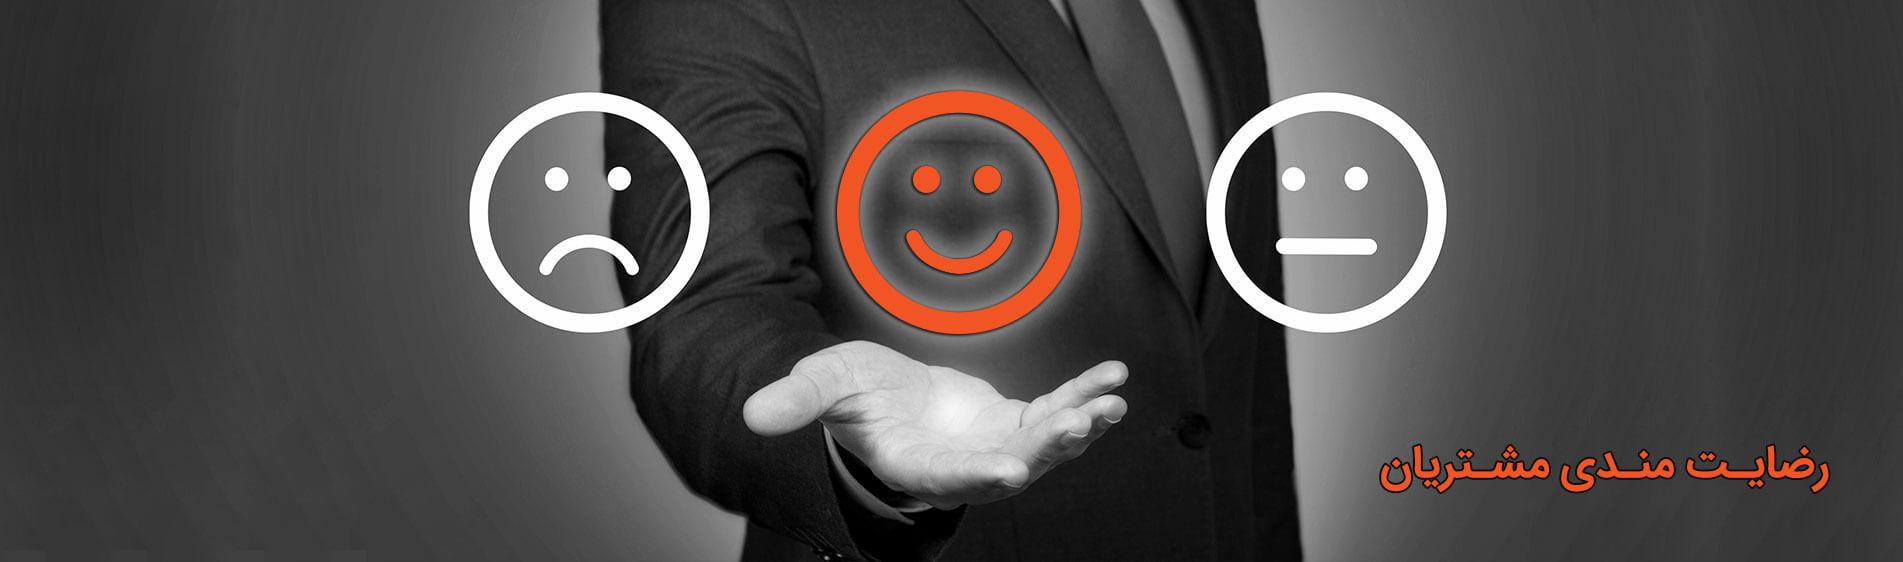 رضایتمندی مشتریان